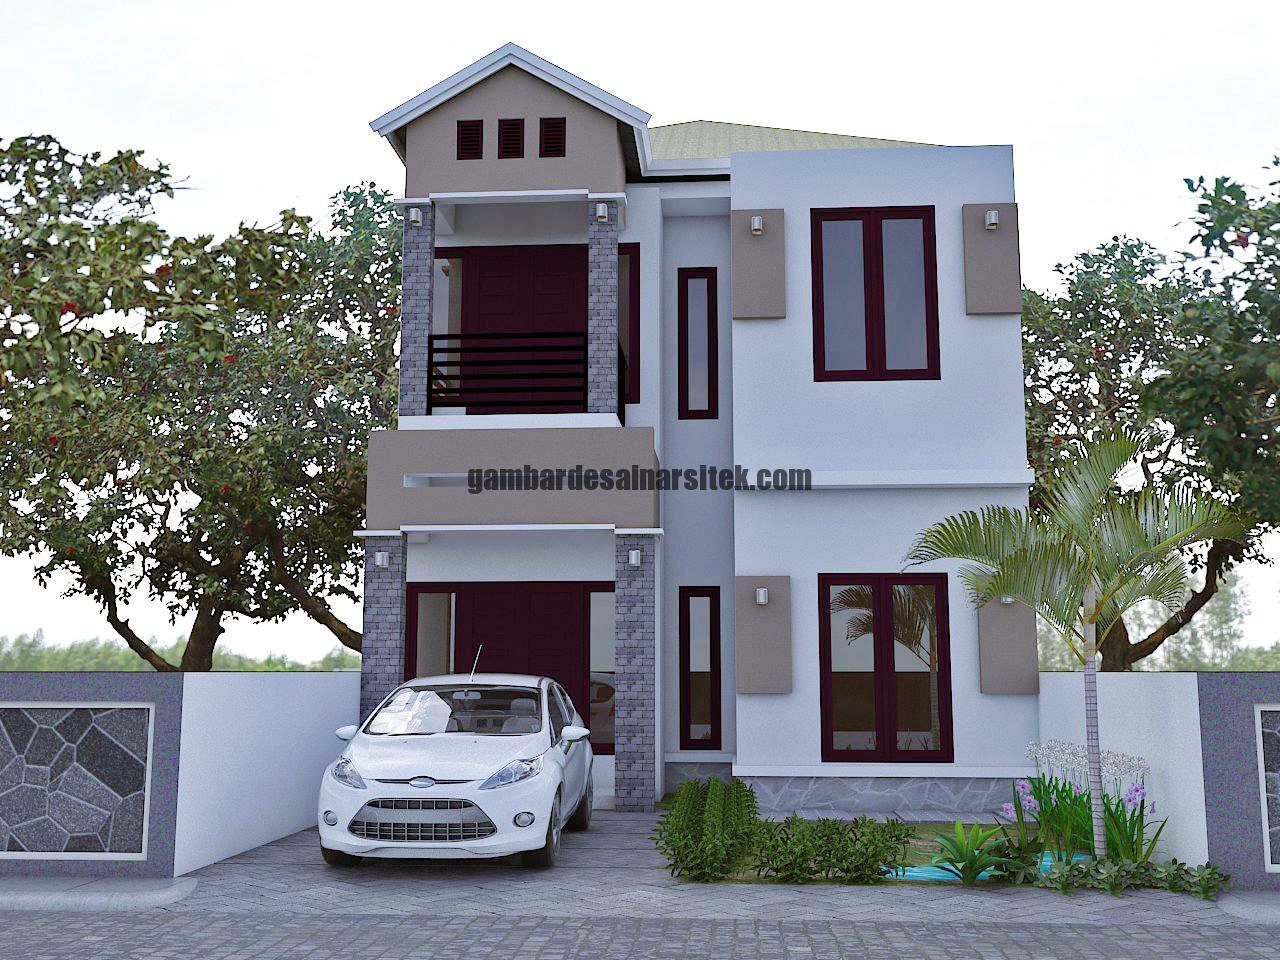 80 Desain Atap Segitiga sebagai Inspirasi Rumah Anda 6